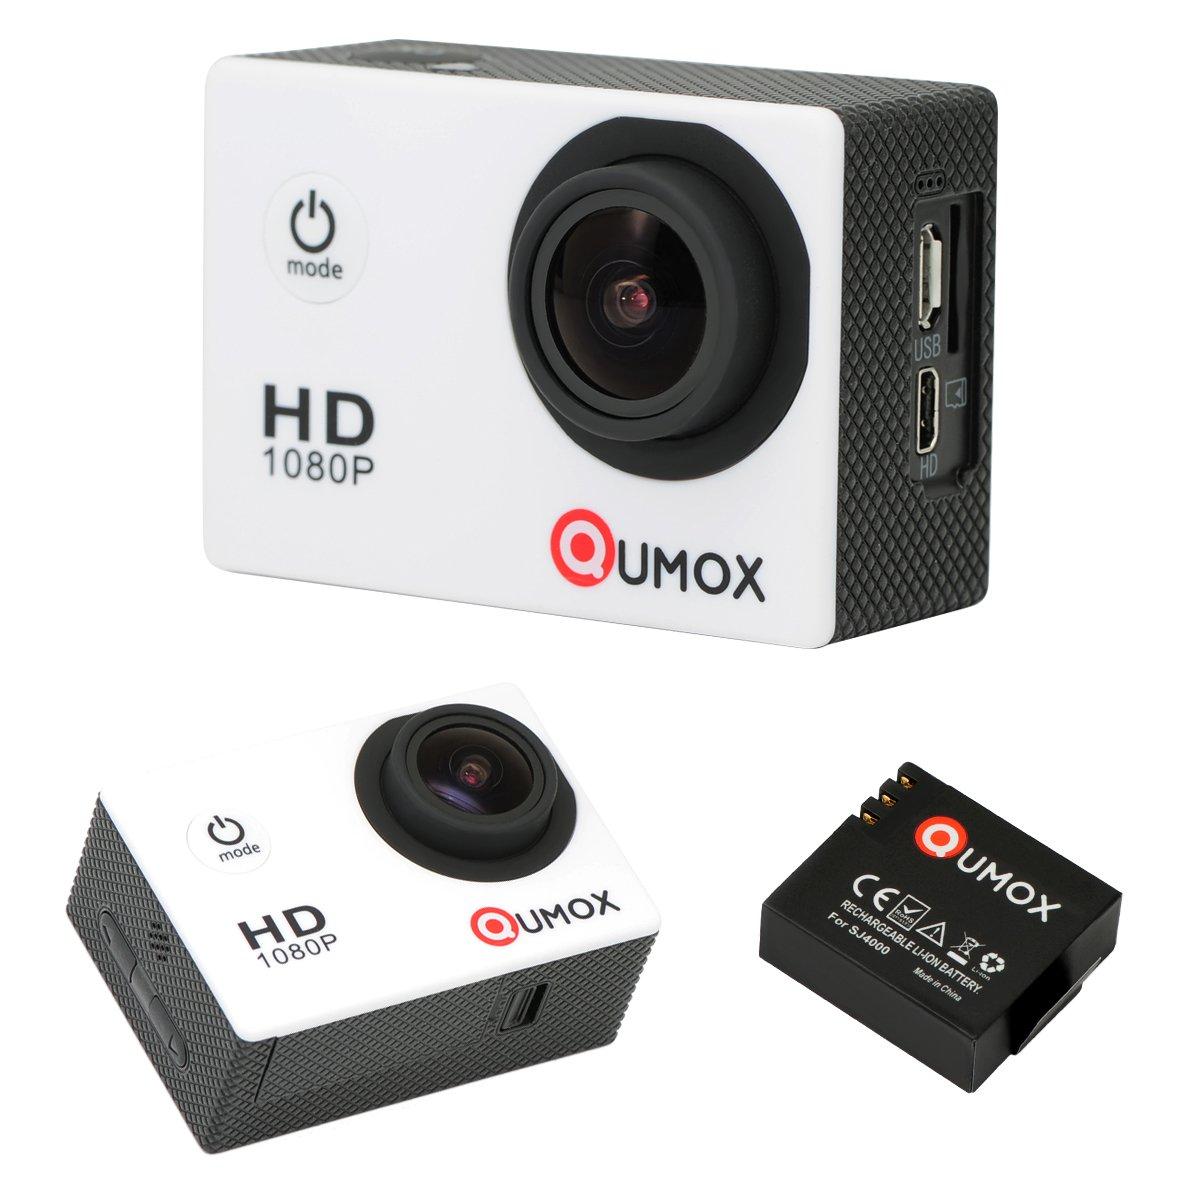 Análisis QUMOX SJ4000 ofertas y review 1